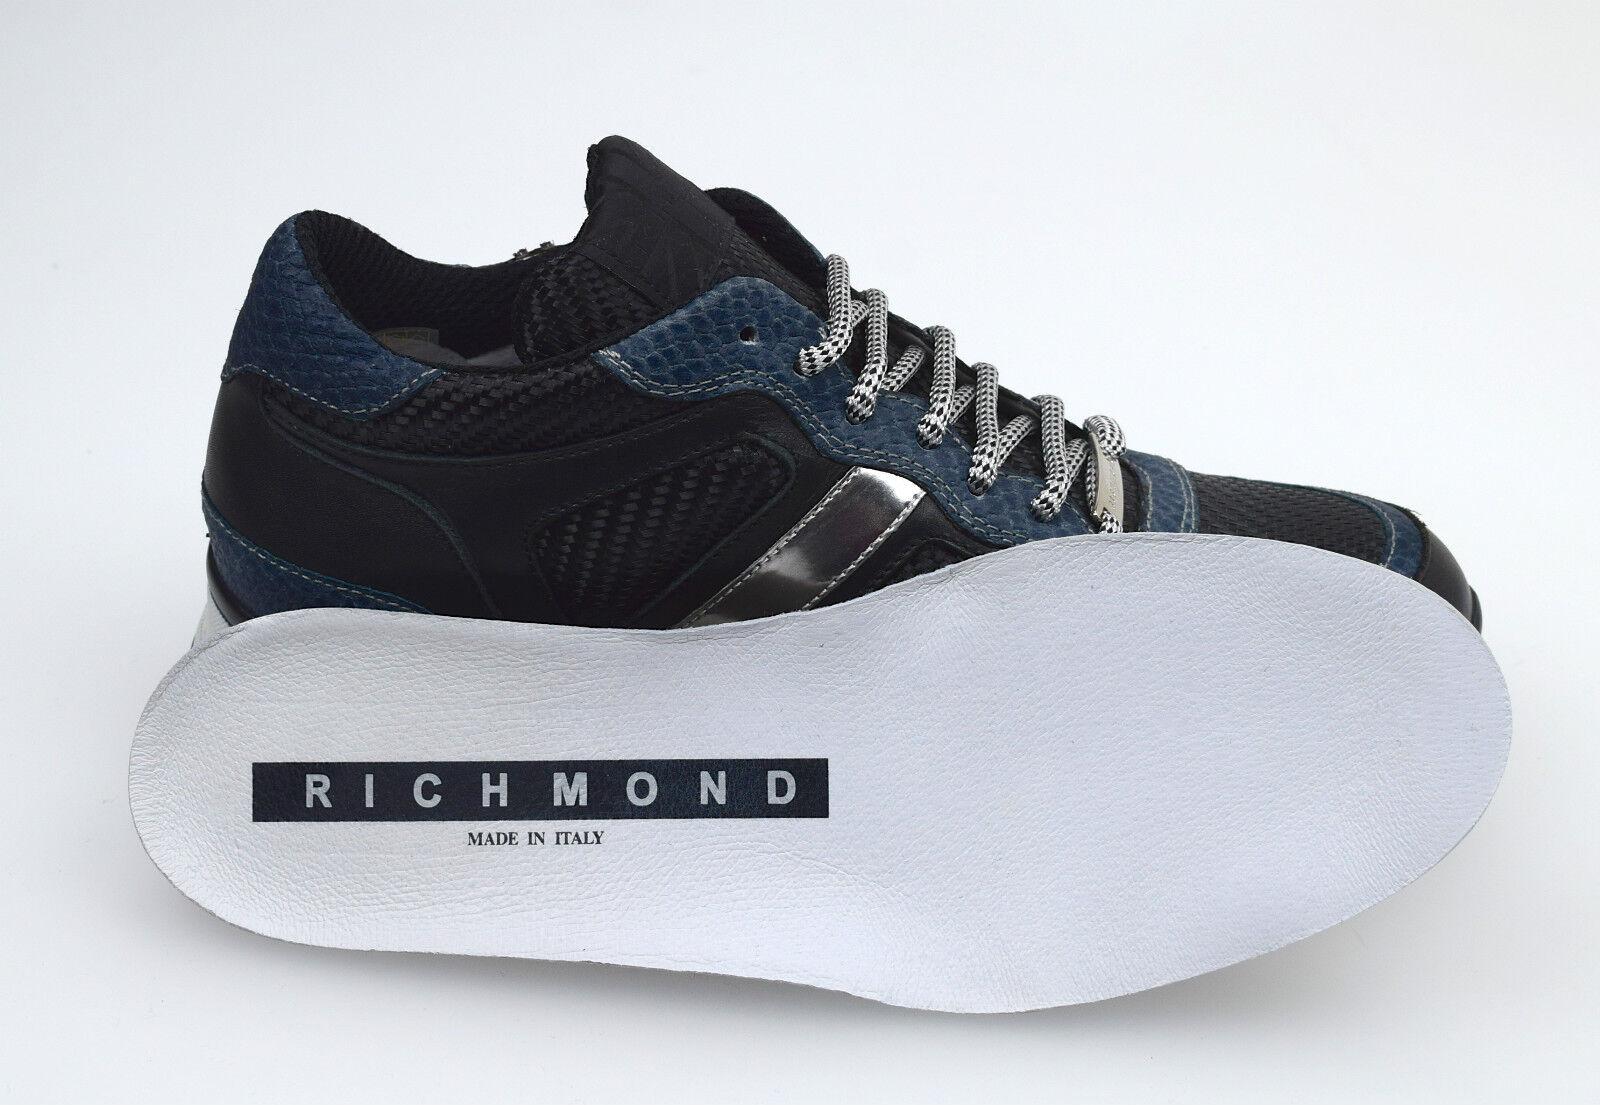 RICHMOND SCARPA SNEAKER - UOMO - SNEAKER MAN SHOES NERO+BLU / BLACK+BLUE 5226 NO SCATOLA 7c8288